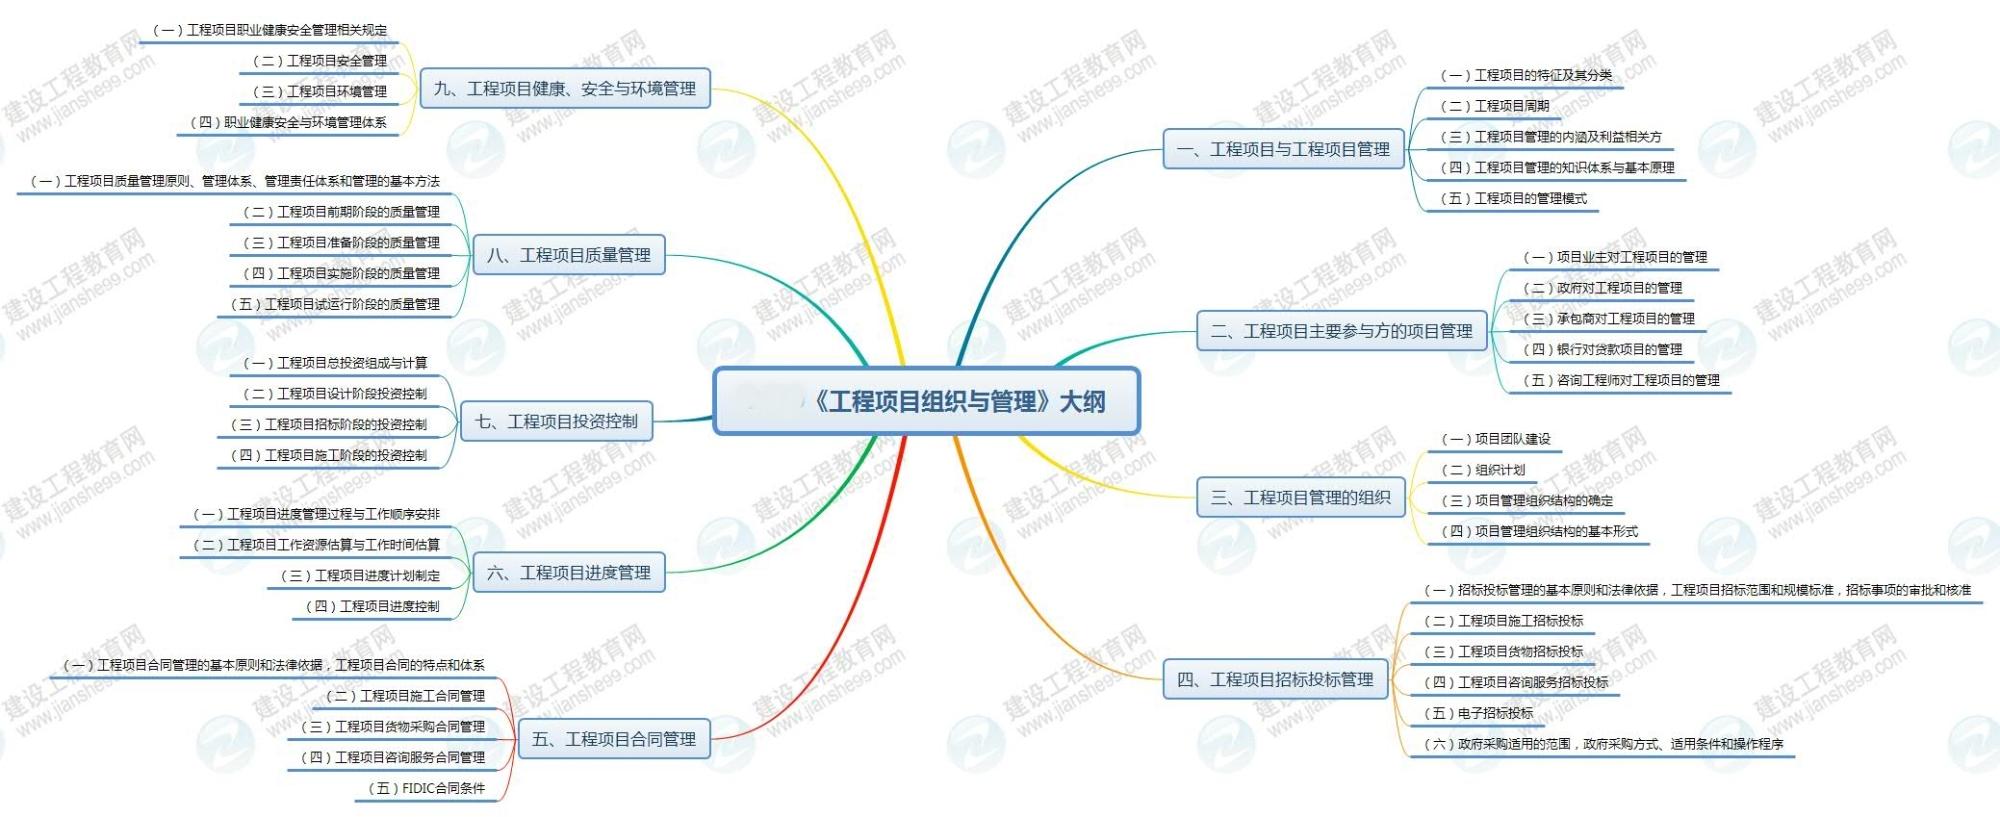 2020咨询工程师工程项目组织与管理大纲思维导图